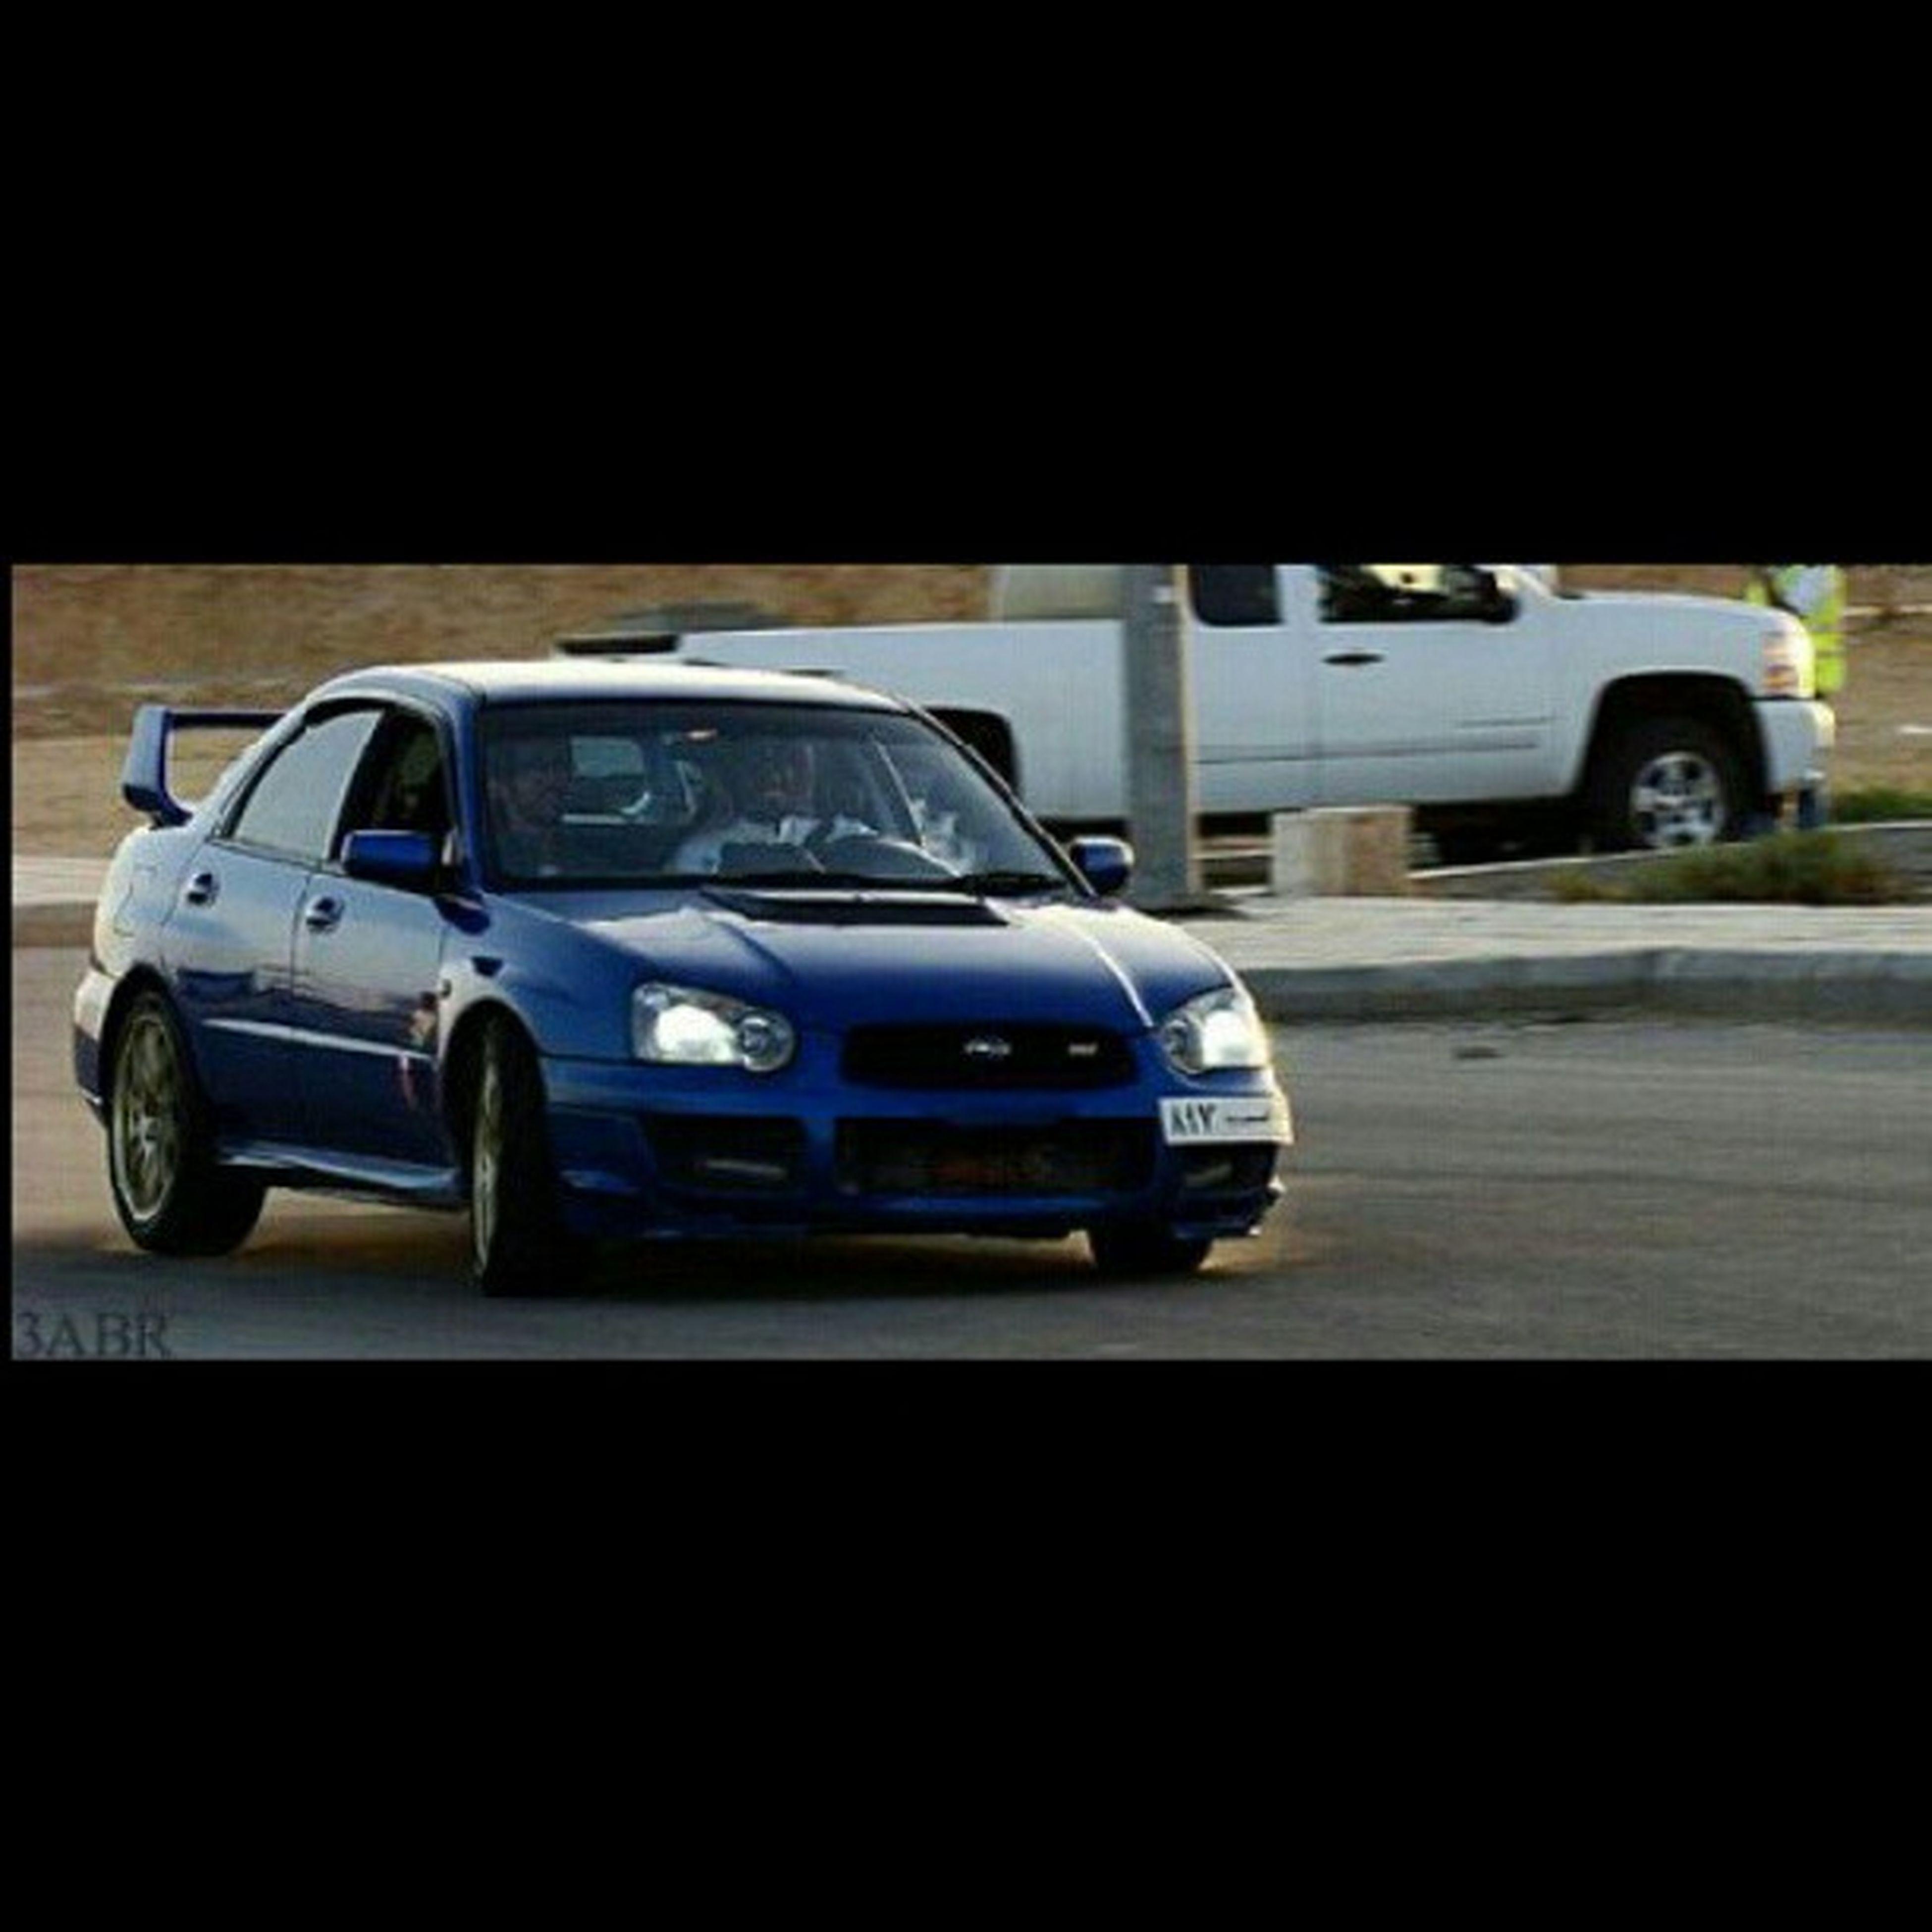 سيارة سوبارو رياضية Subaru sport car sports